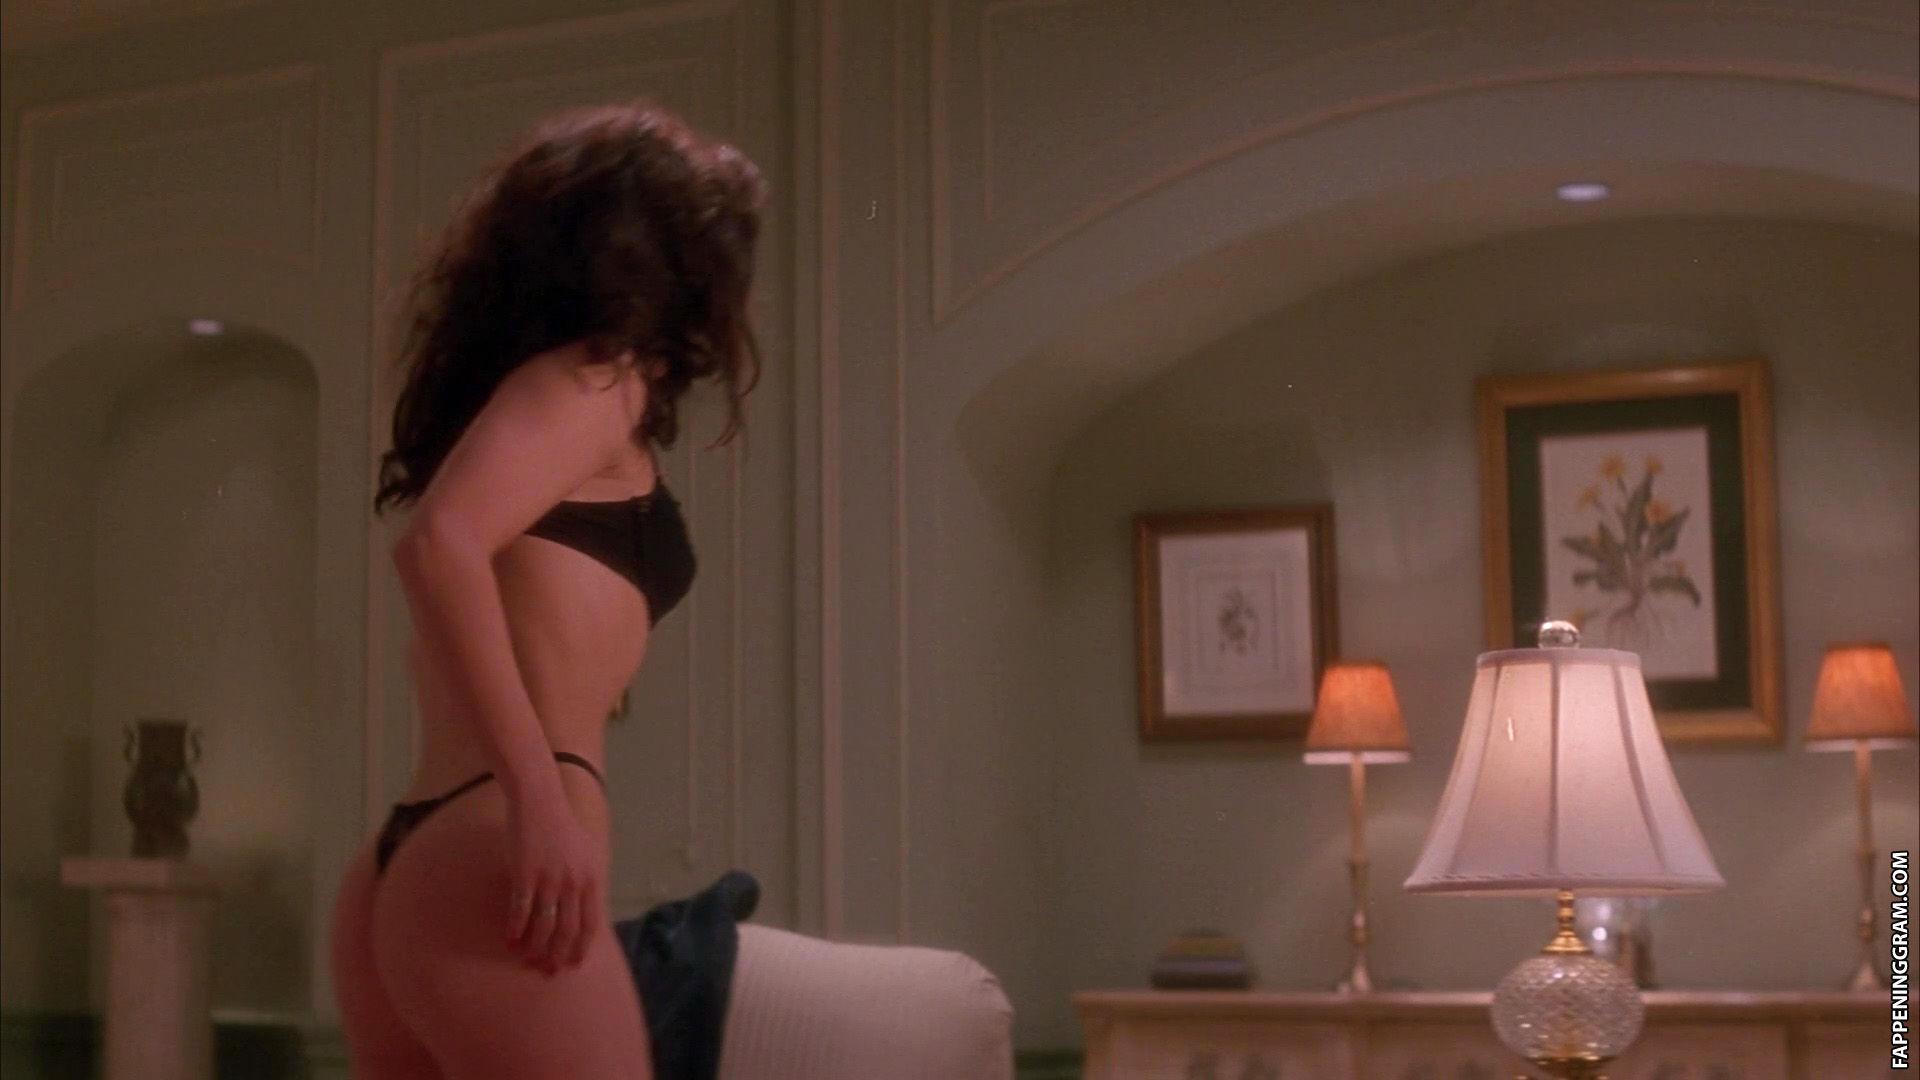 Debi mazar nude, fappening, sexy photos, uncensored